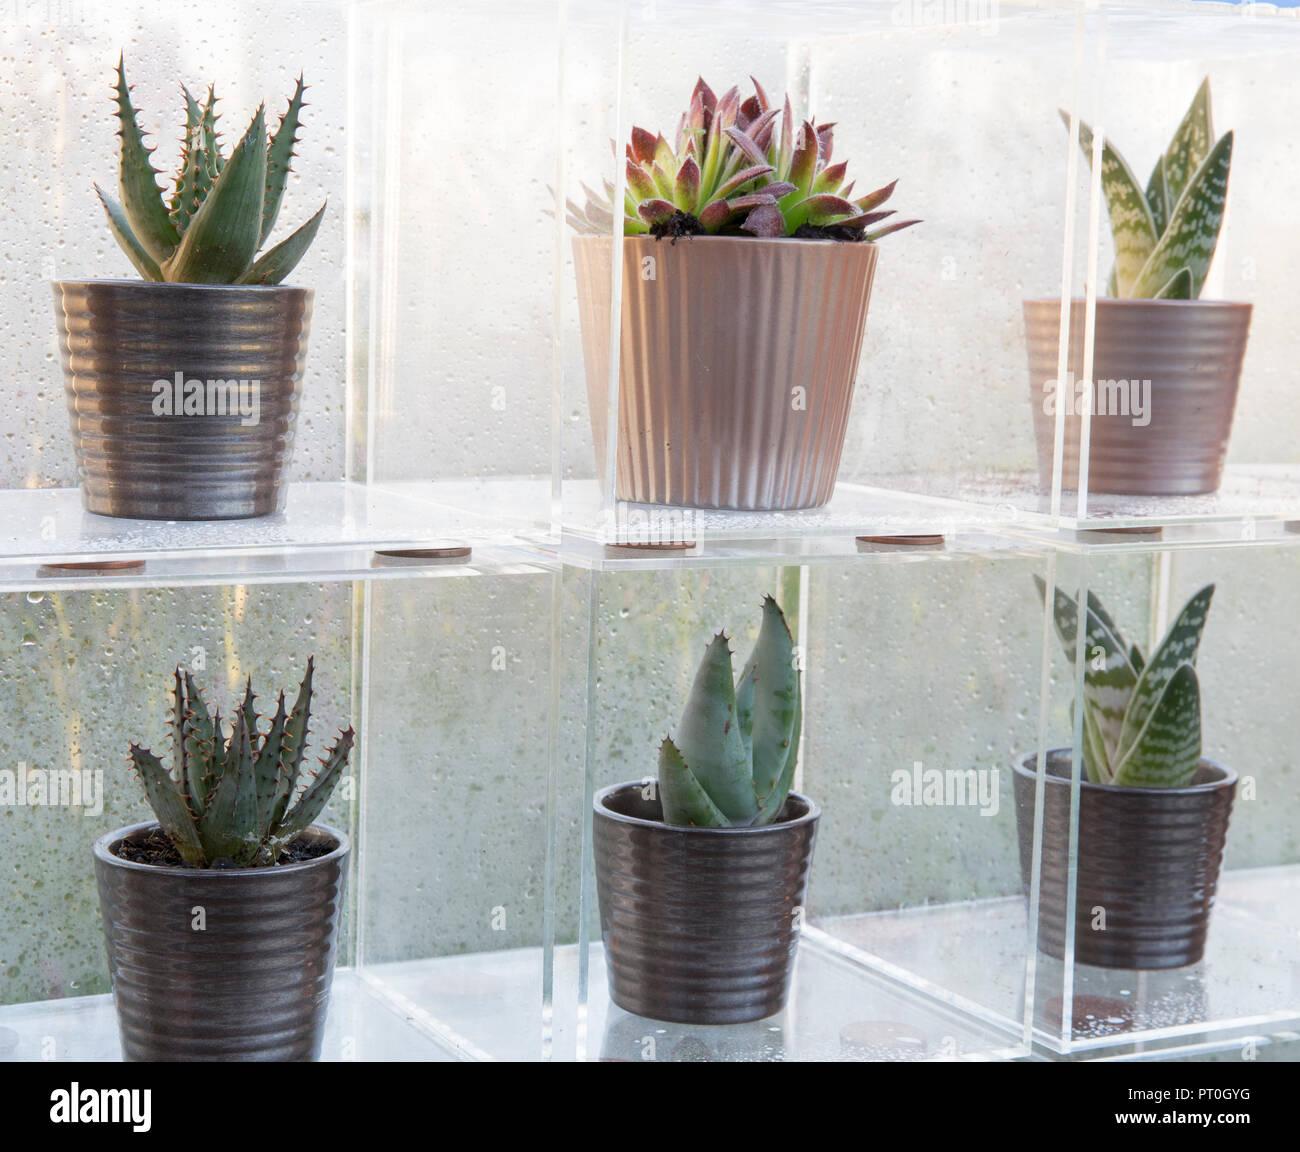 L'affichage des boîtes de perspex une collection de plantes succulentes poussant dans des pots en céramique, Sempervivum, 'Paradisicum Aloe', à la maison, cultiver, manger, se détendre, RHS Ma Banque D'Images